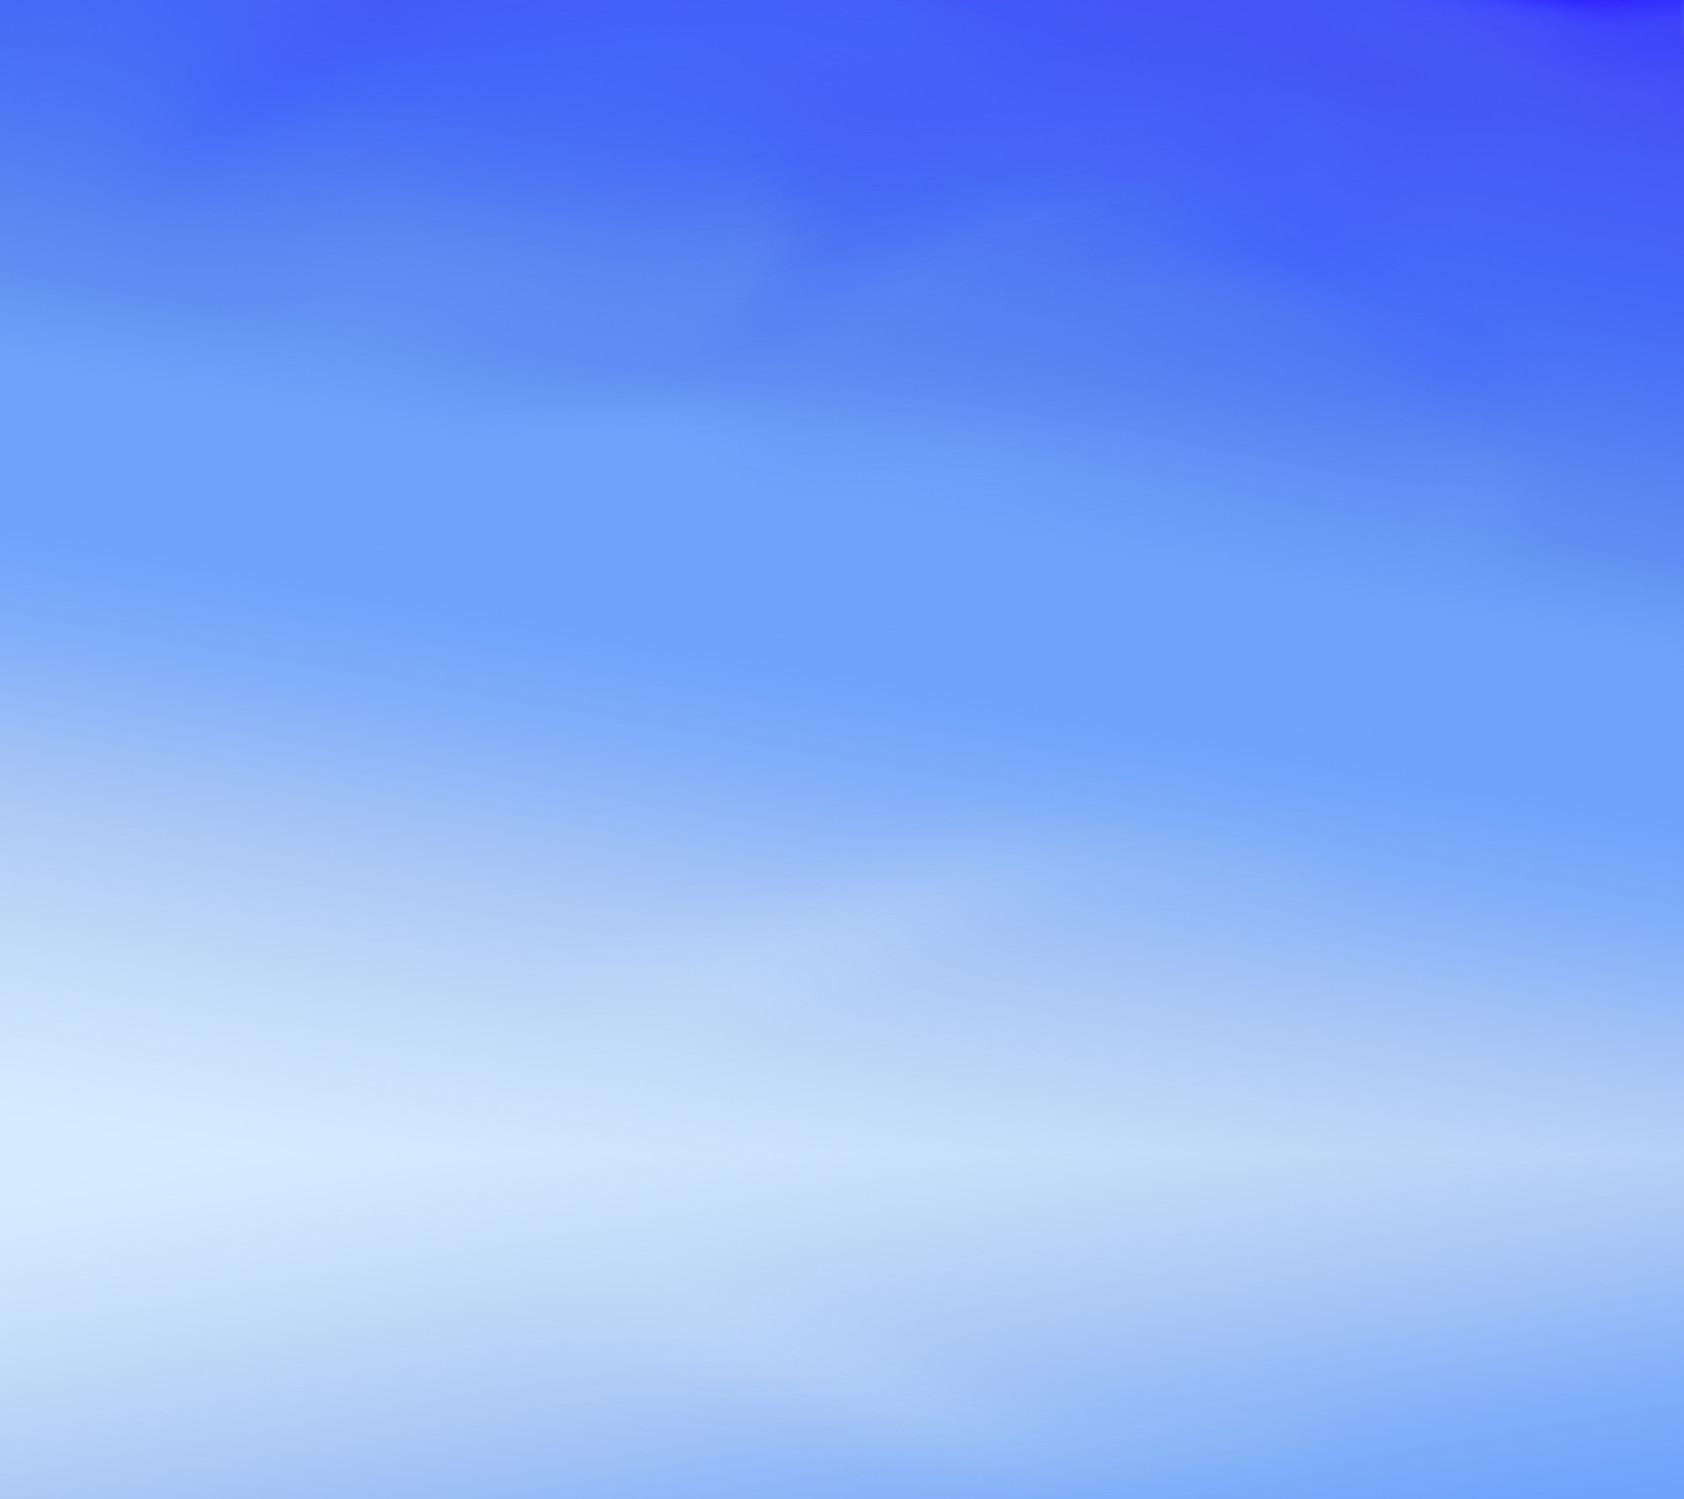 Tipps Für Die Lichtplanung   In Light GmbH   Licht Beeinflusst Unsere  Wahrnehmung